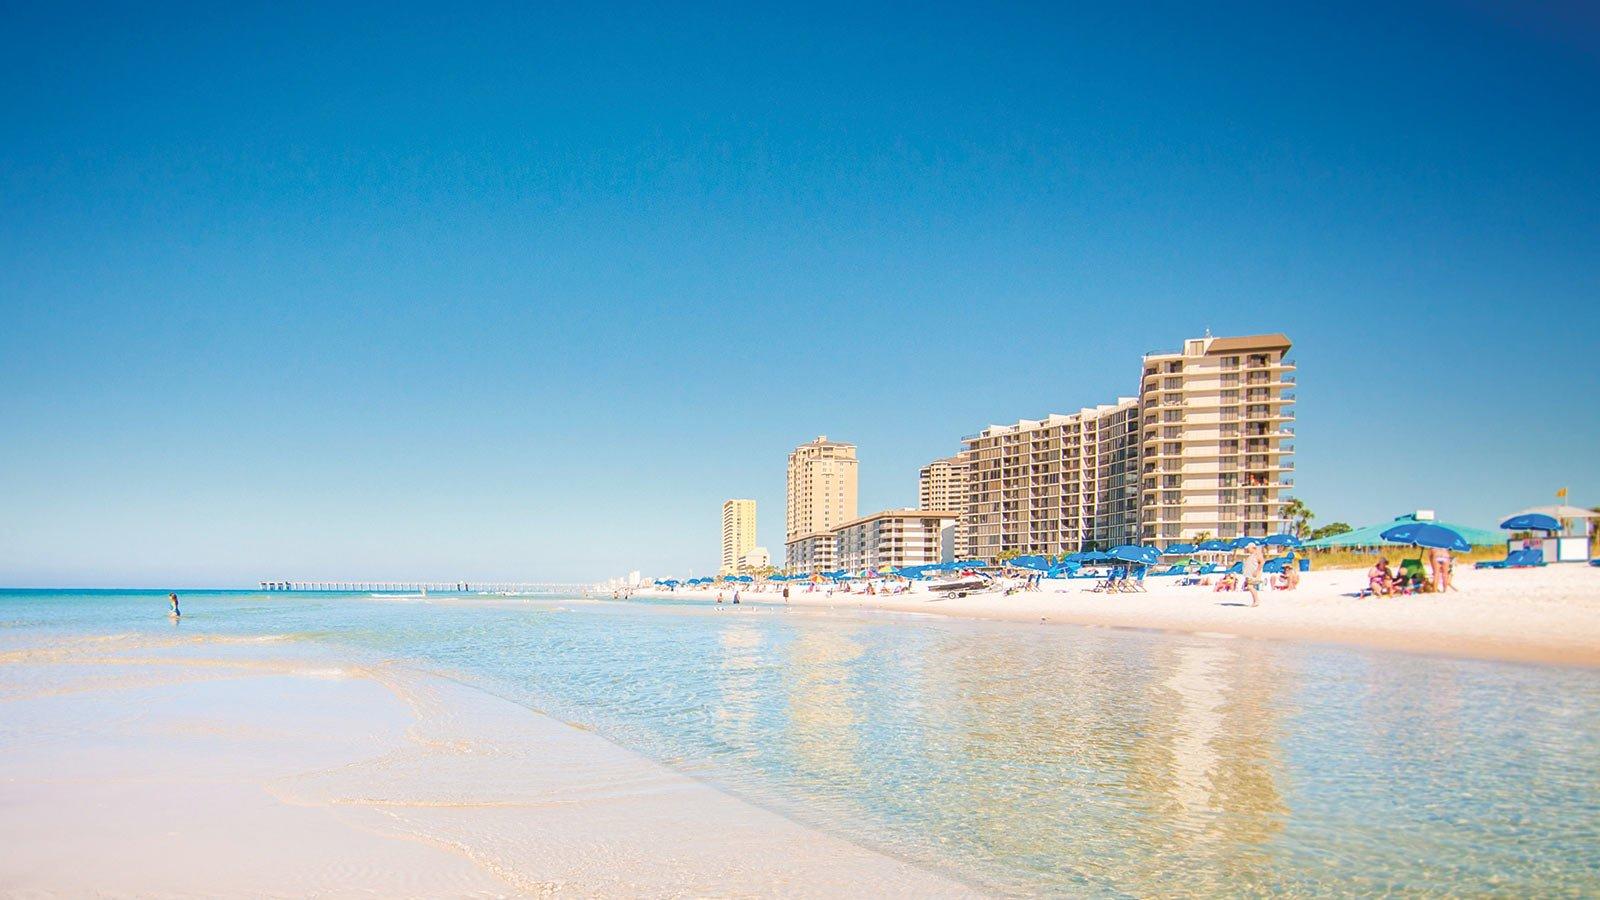 beach-resort-panama-city